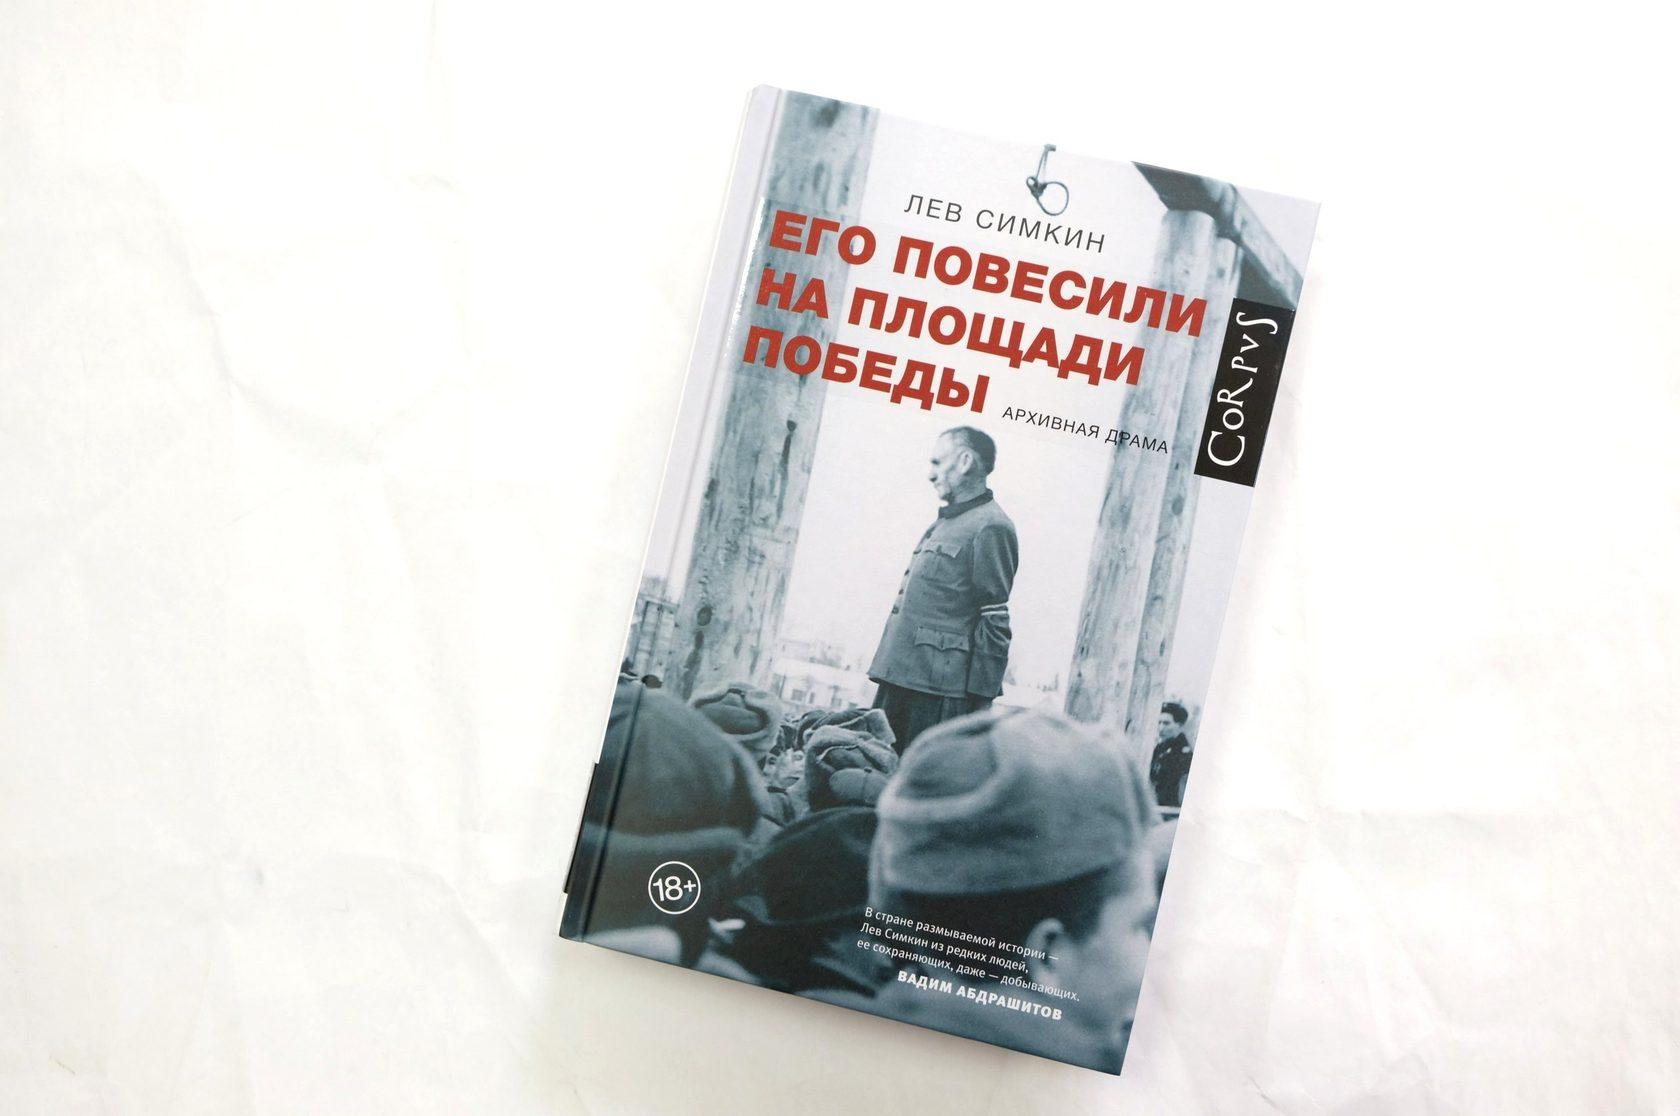 Лев Симкин «Его повесили на площади Победы»